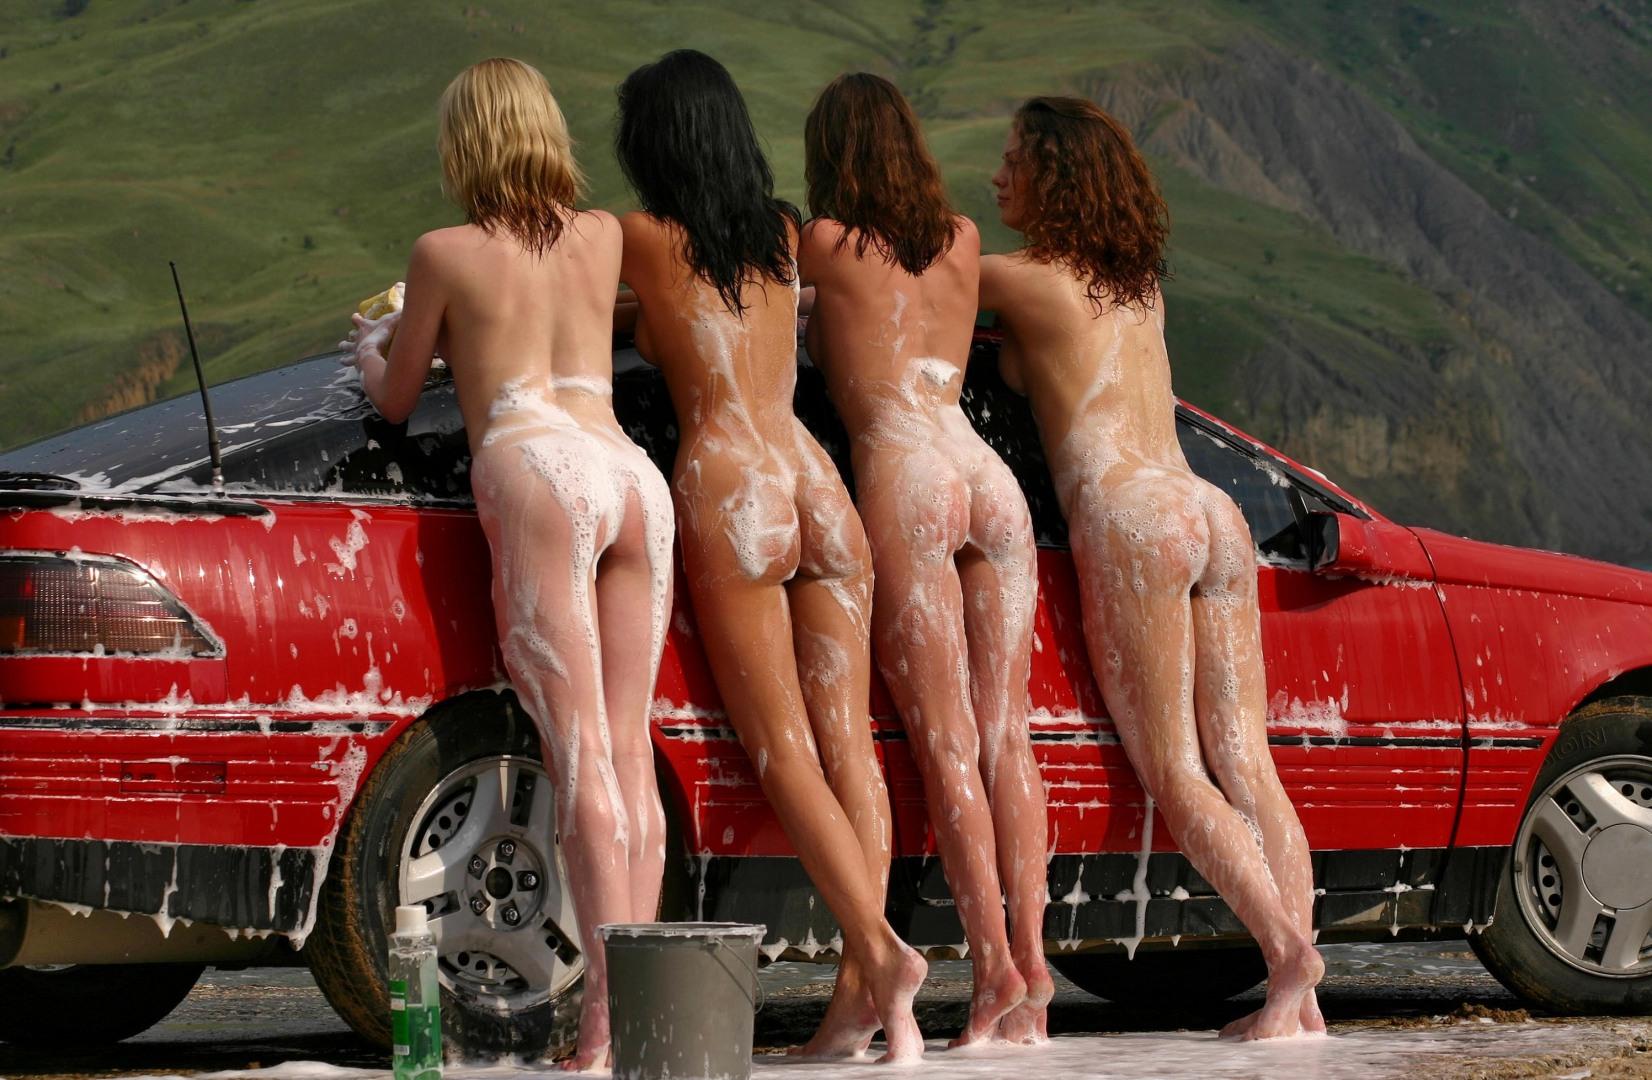 Самые смешные картинки голых